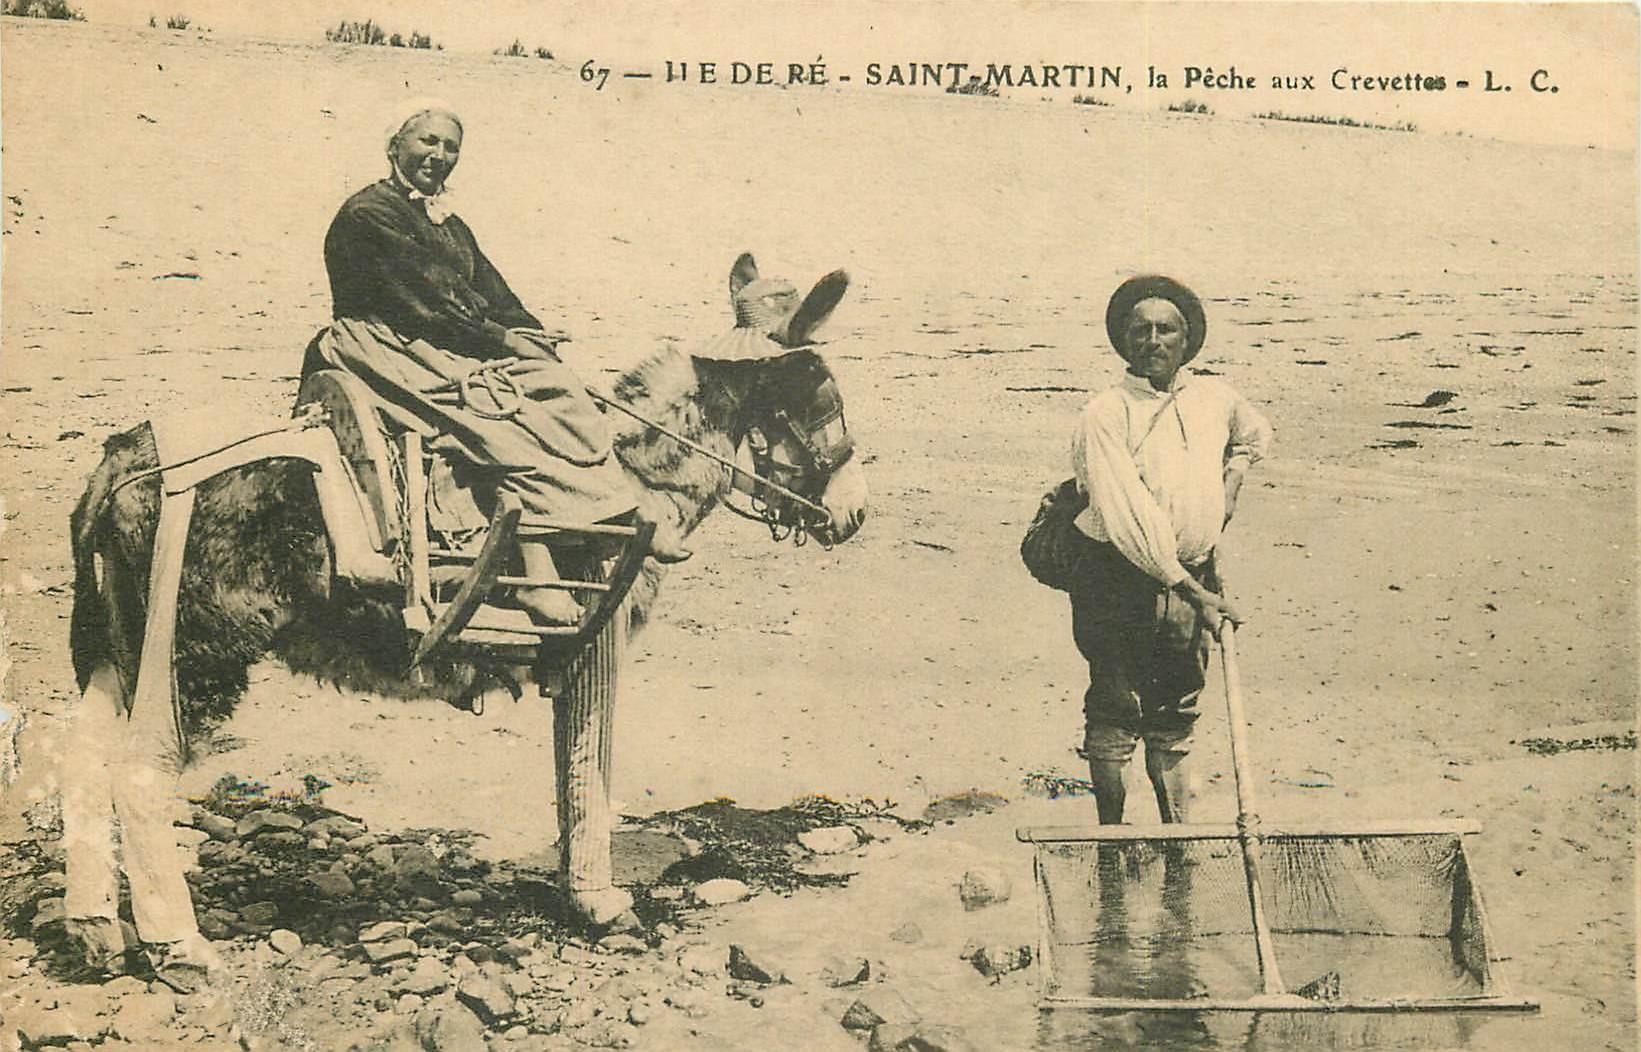 17 SAINT-MARTIN. La Pêche aux Crevettes sur Île de Ré